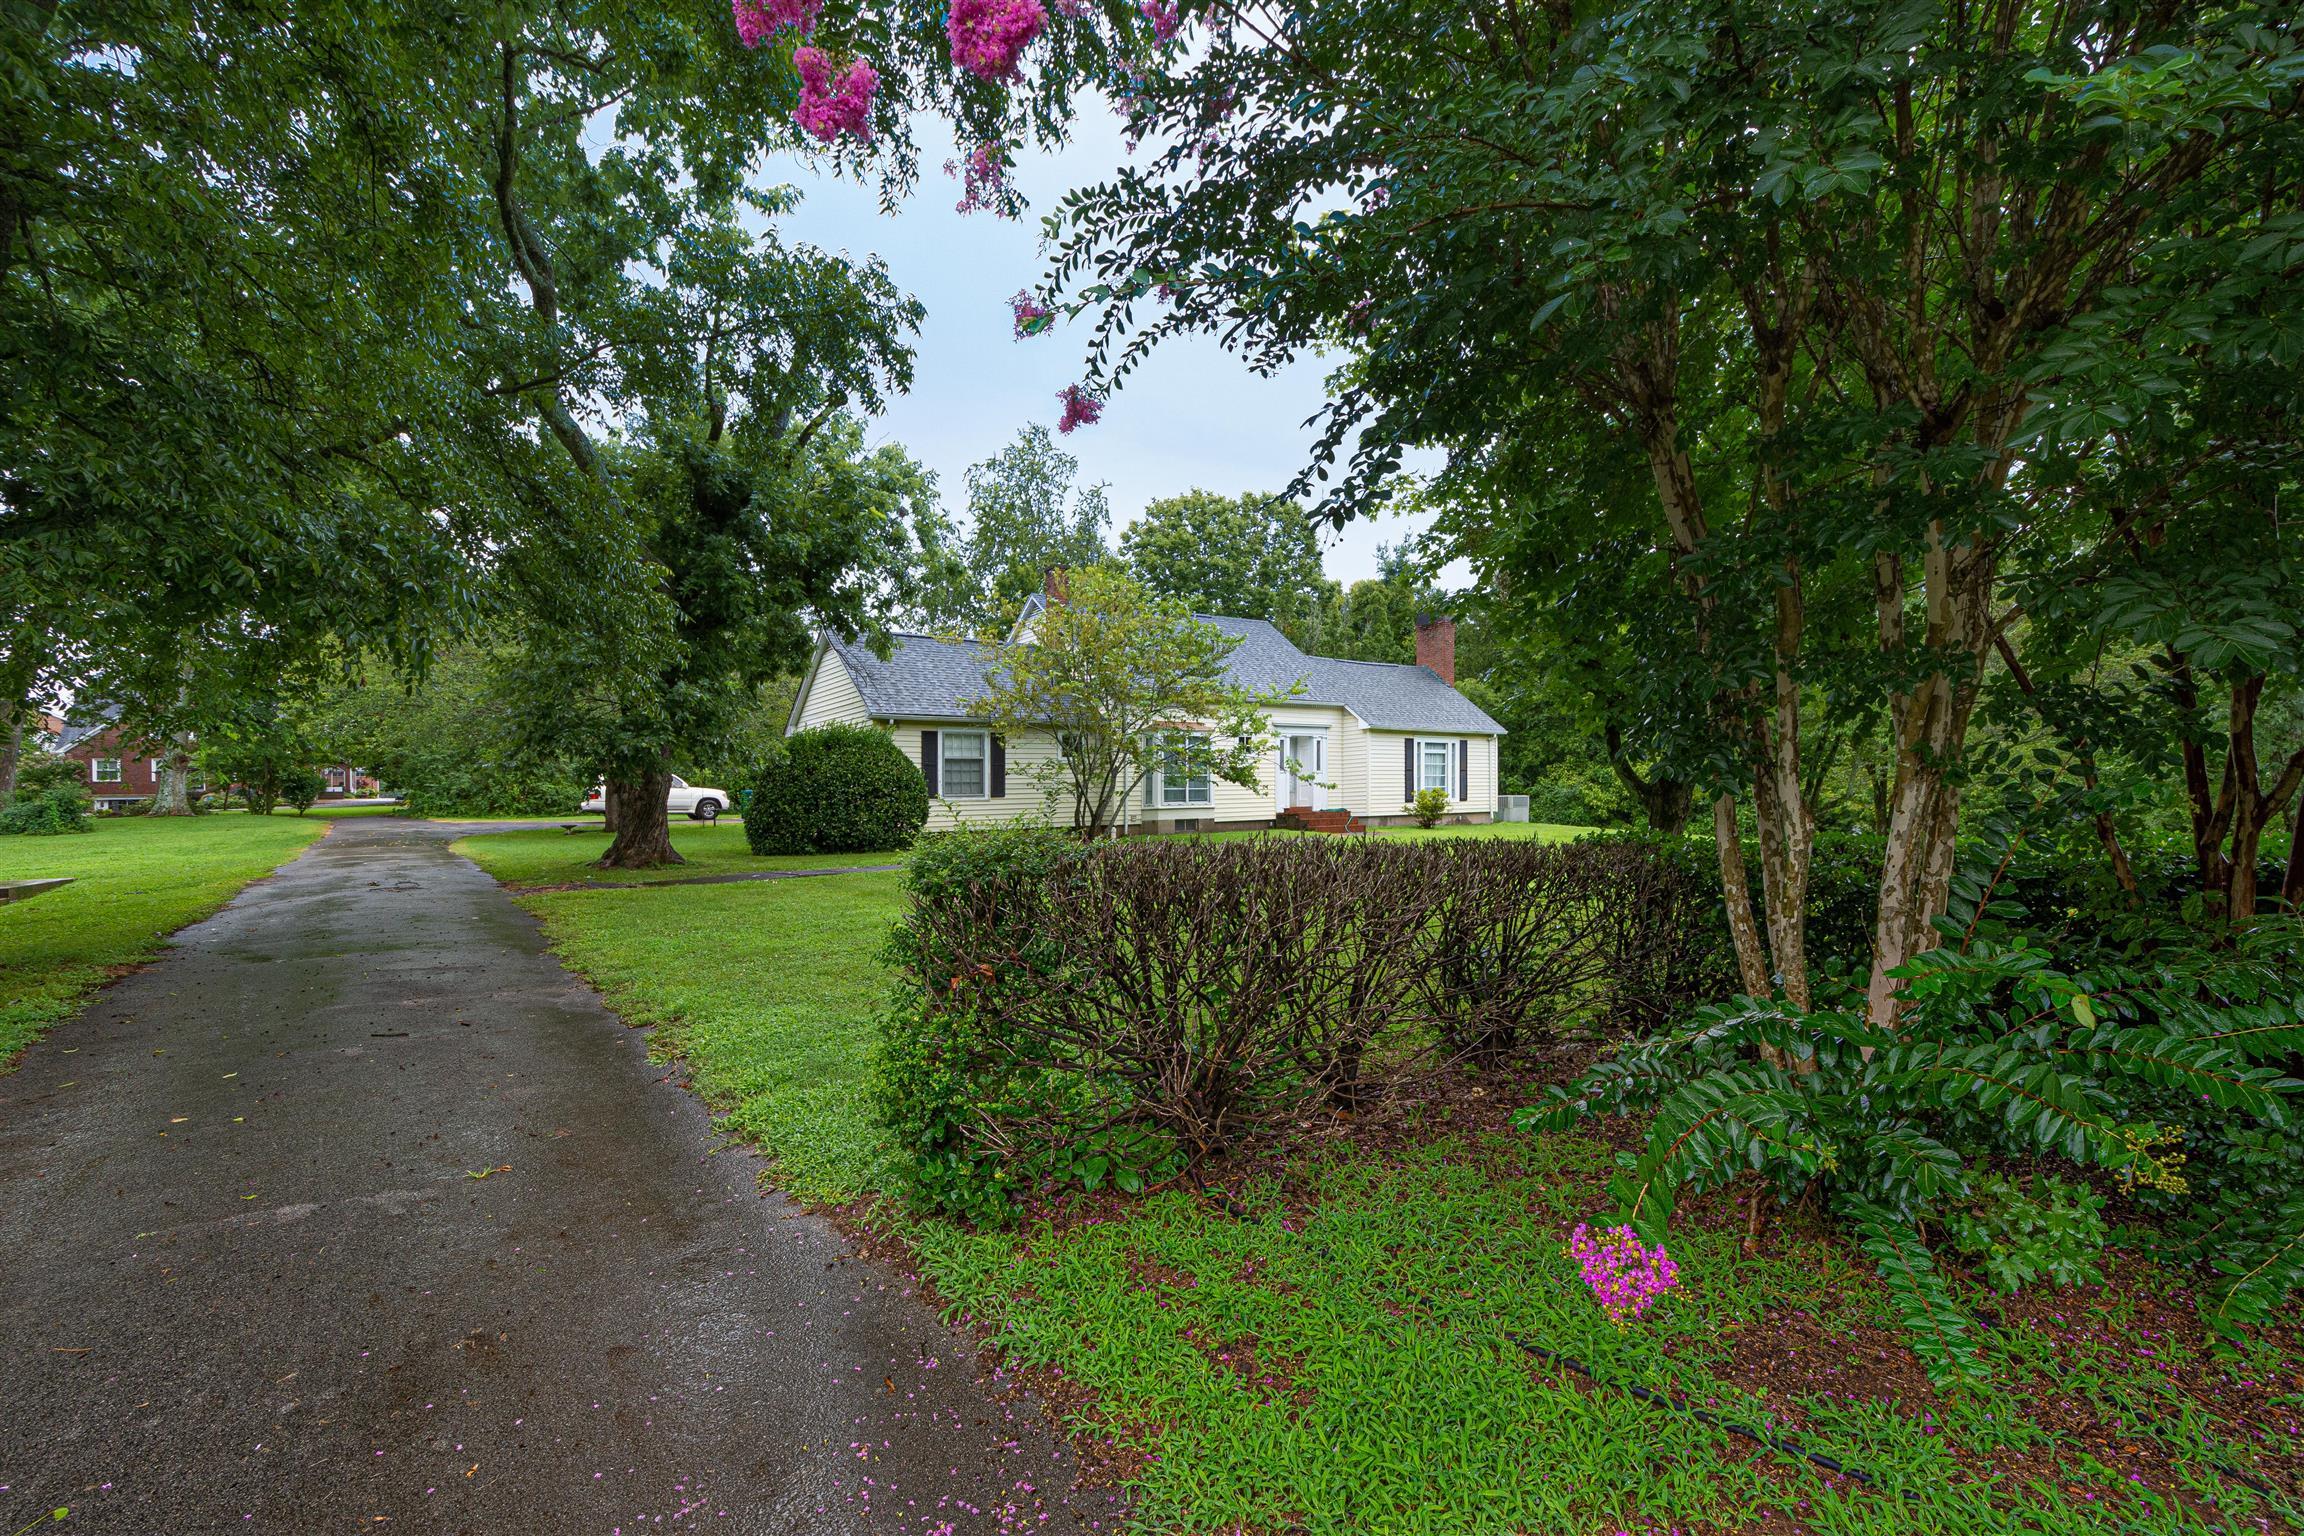 522 E College St, Pulaski, TN 38478 - Pulaski, TN real estate listing